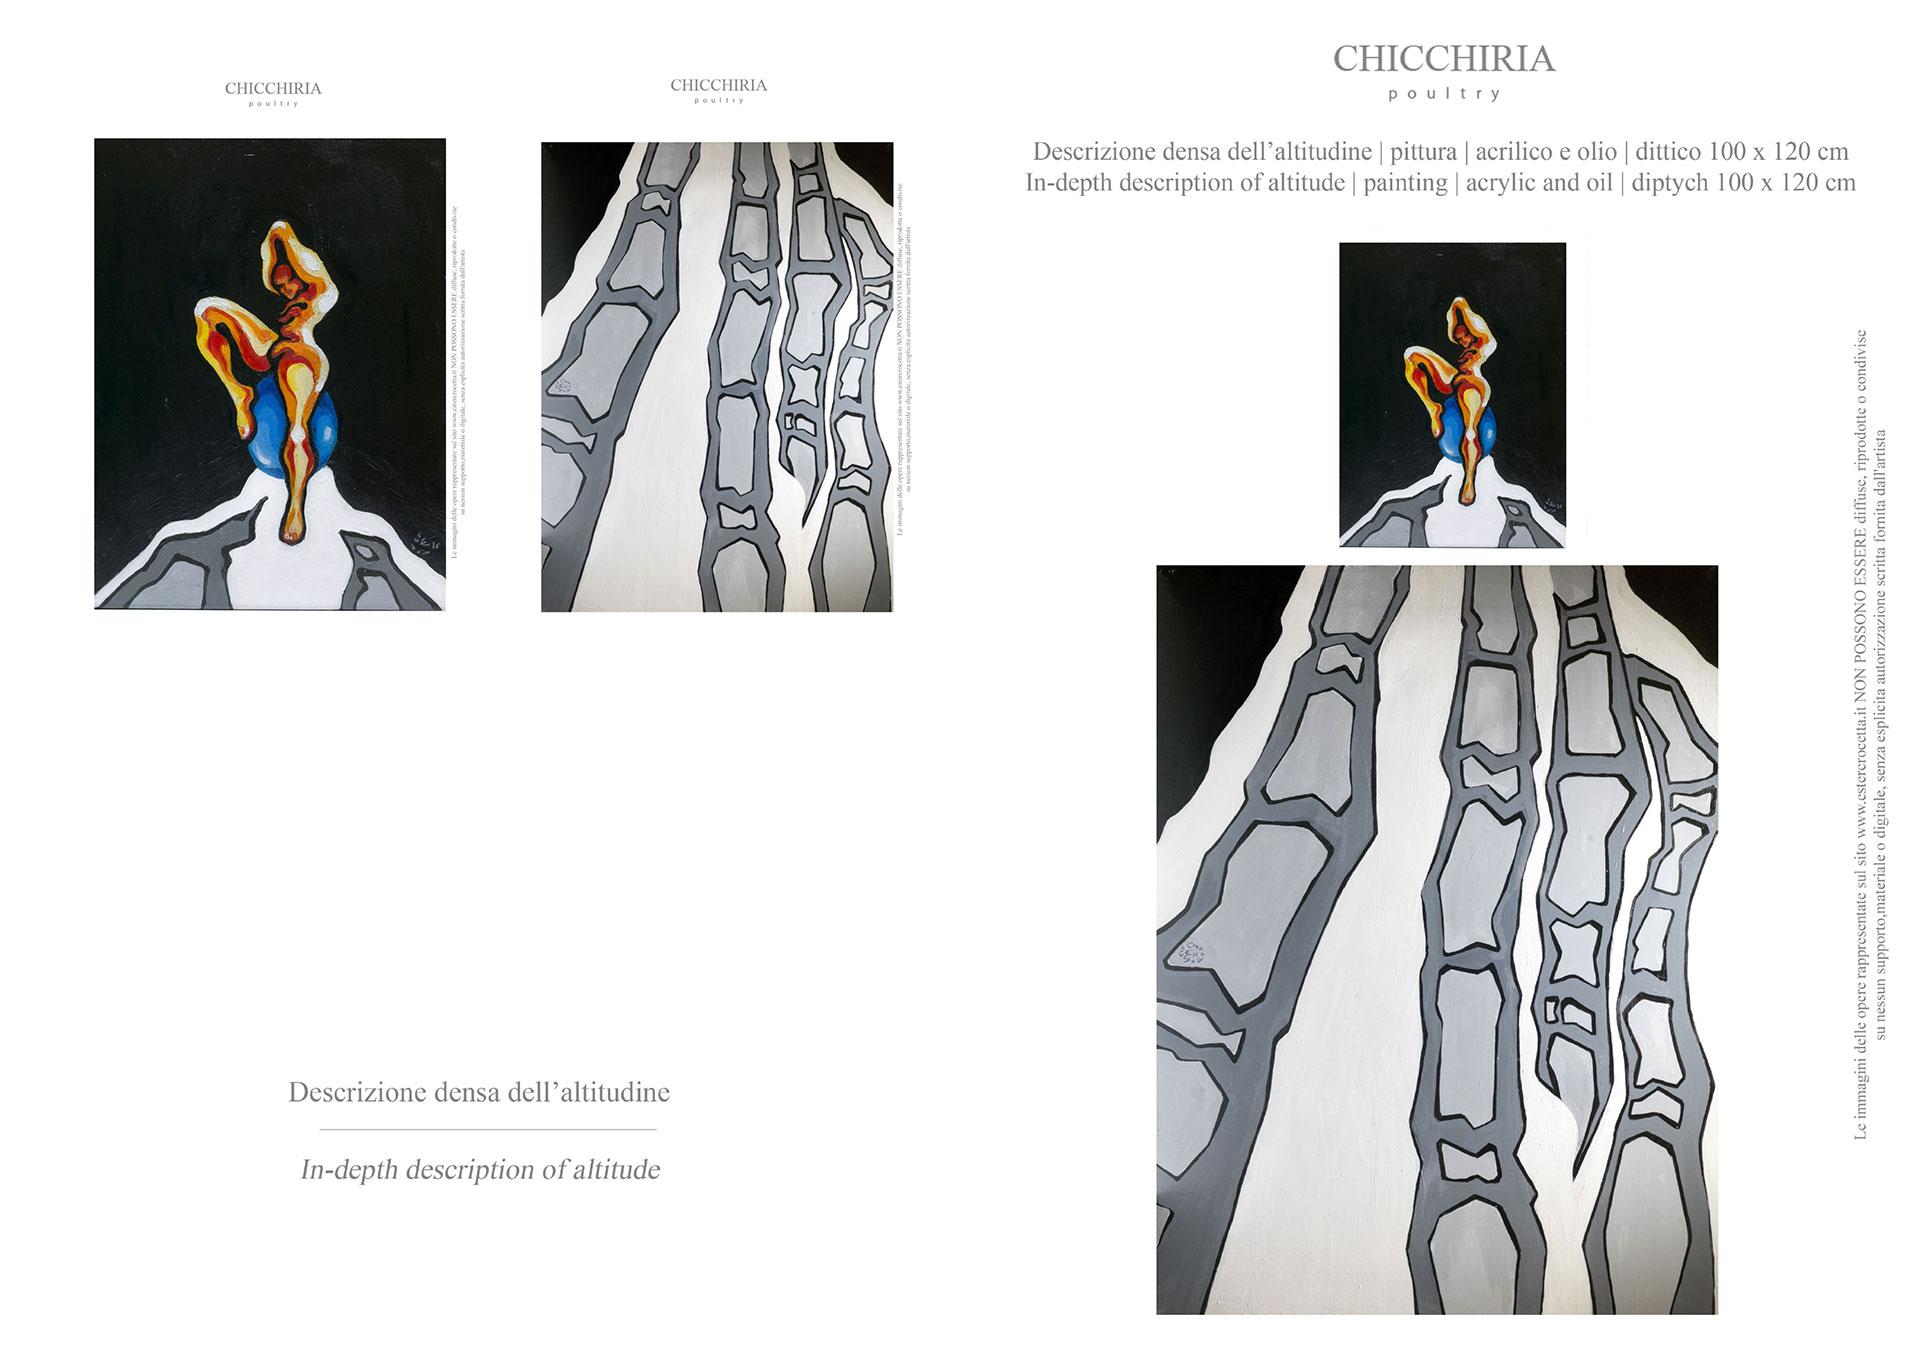 chicchiria-poultry-opere-scheda-descrizione-densa-dellaltitudine